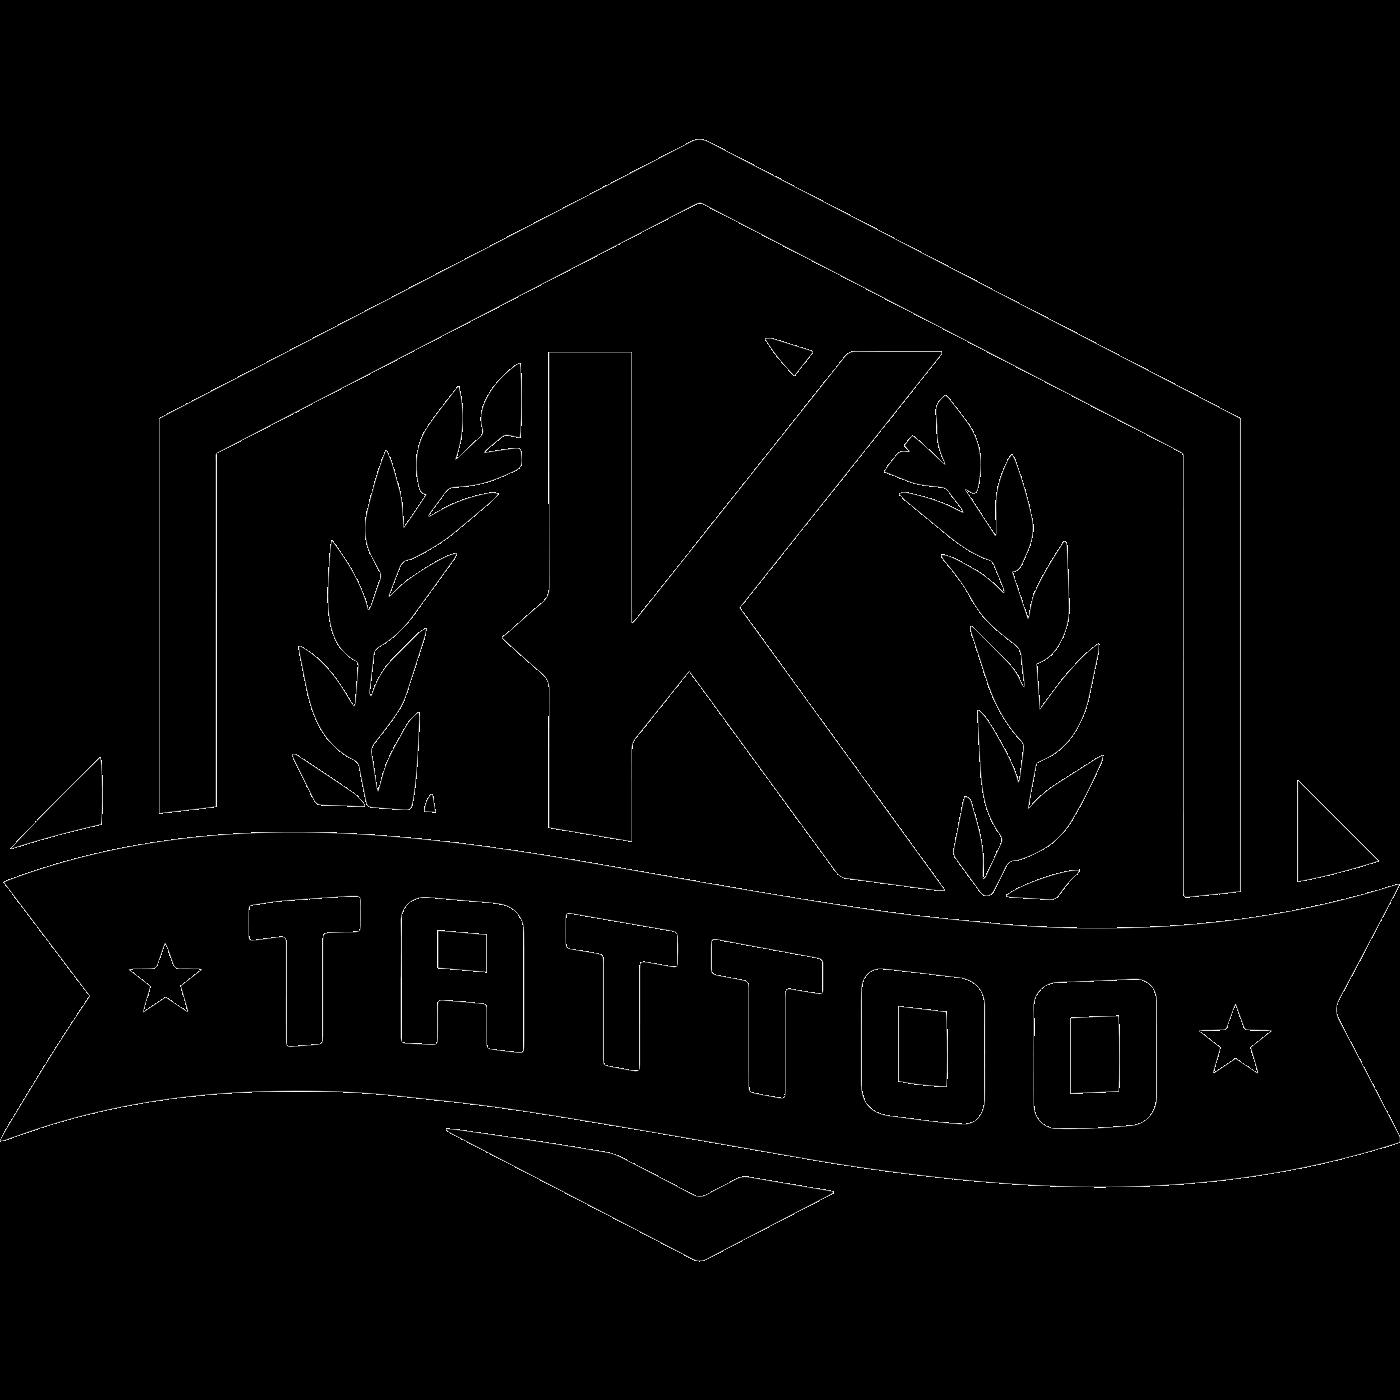 NEW_logo_vector_psd